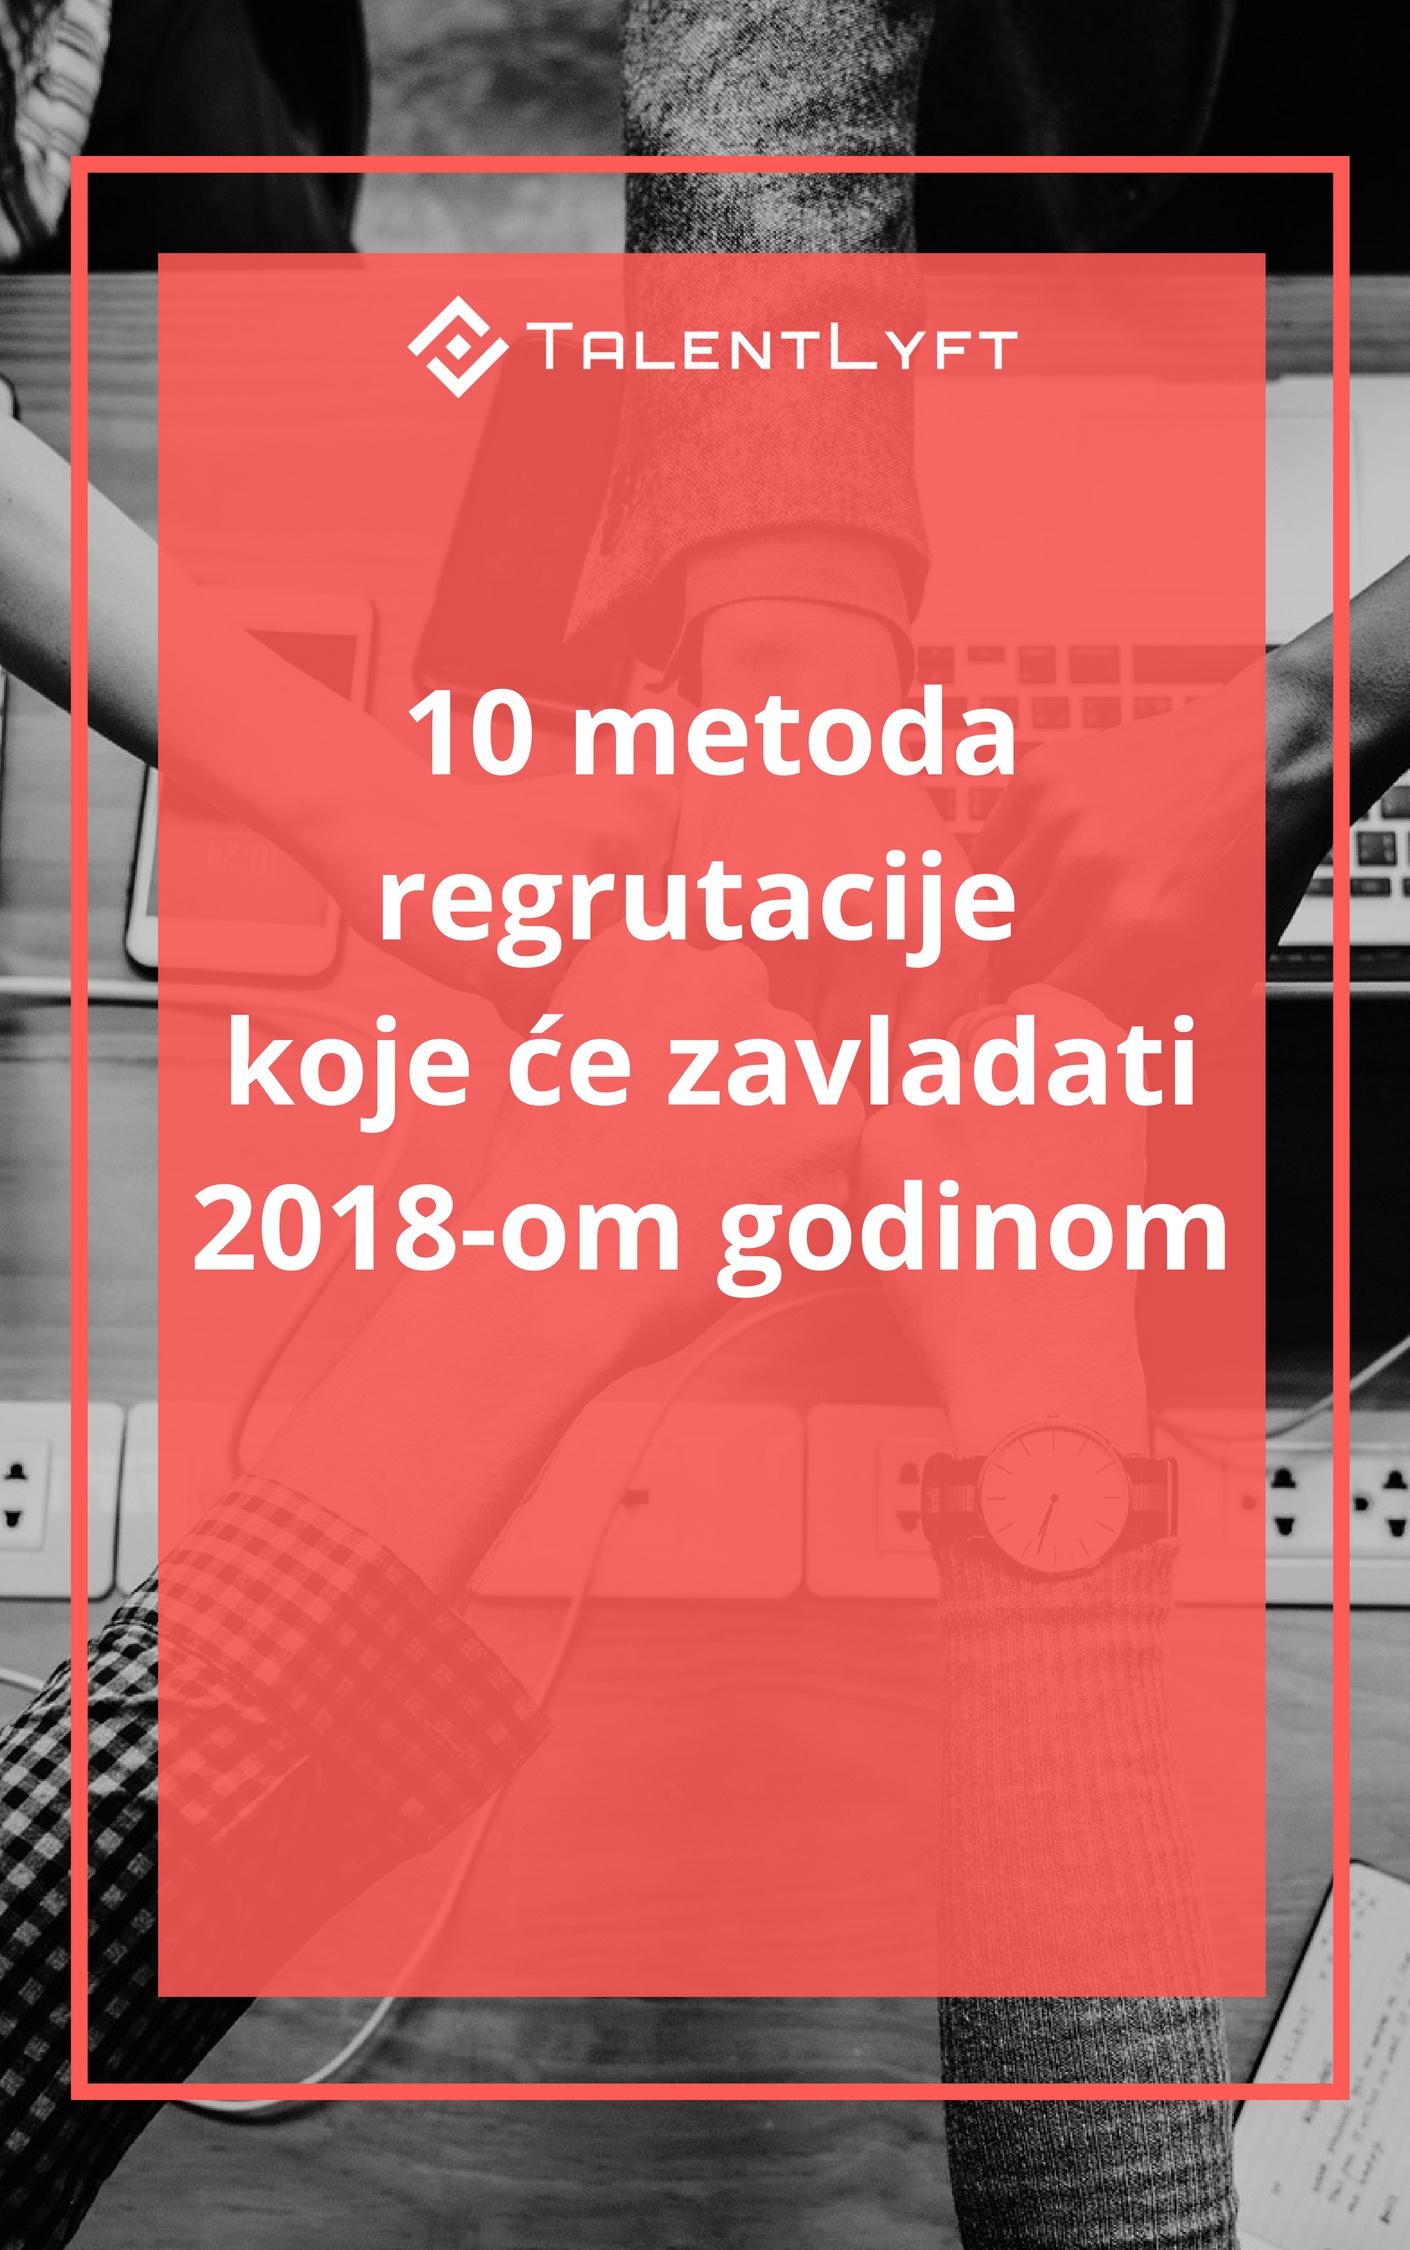 10 metoda regrutacije koje će zavladati 2018-om godinom.jpg